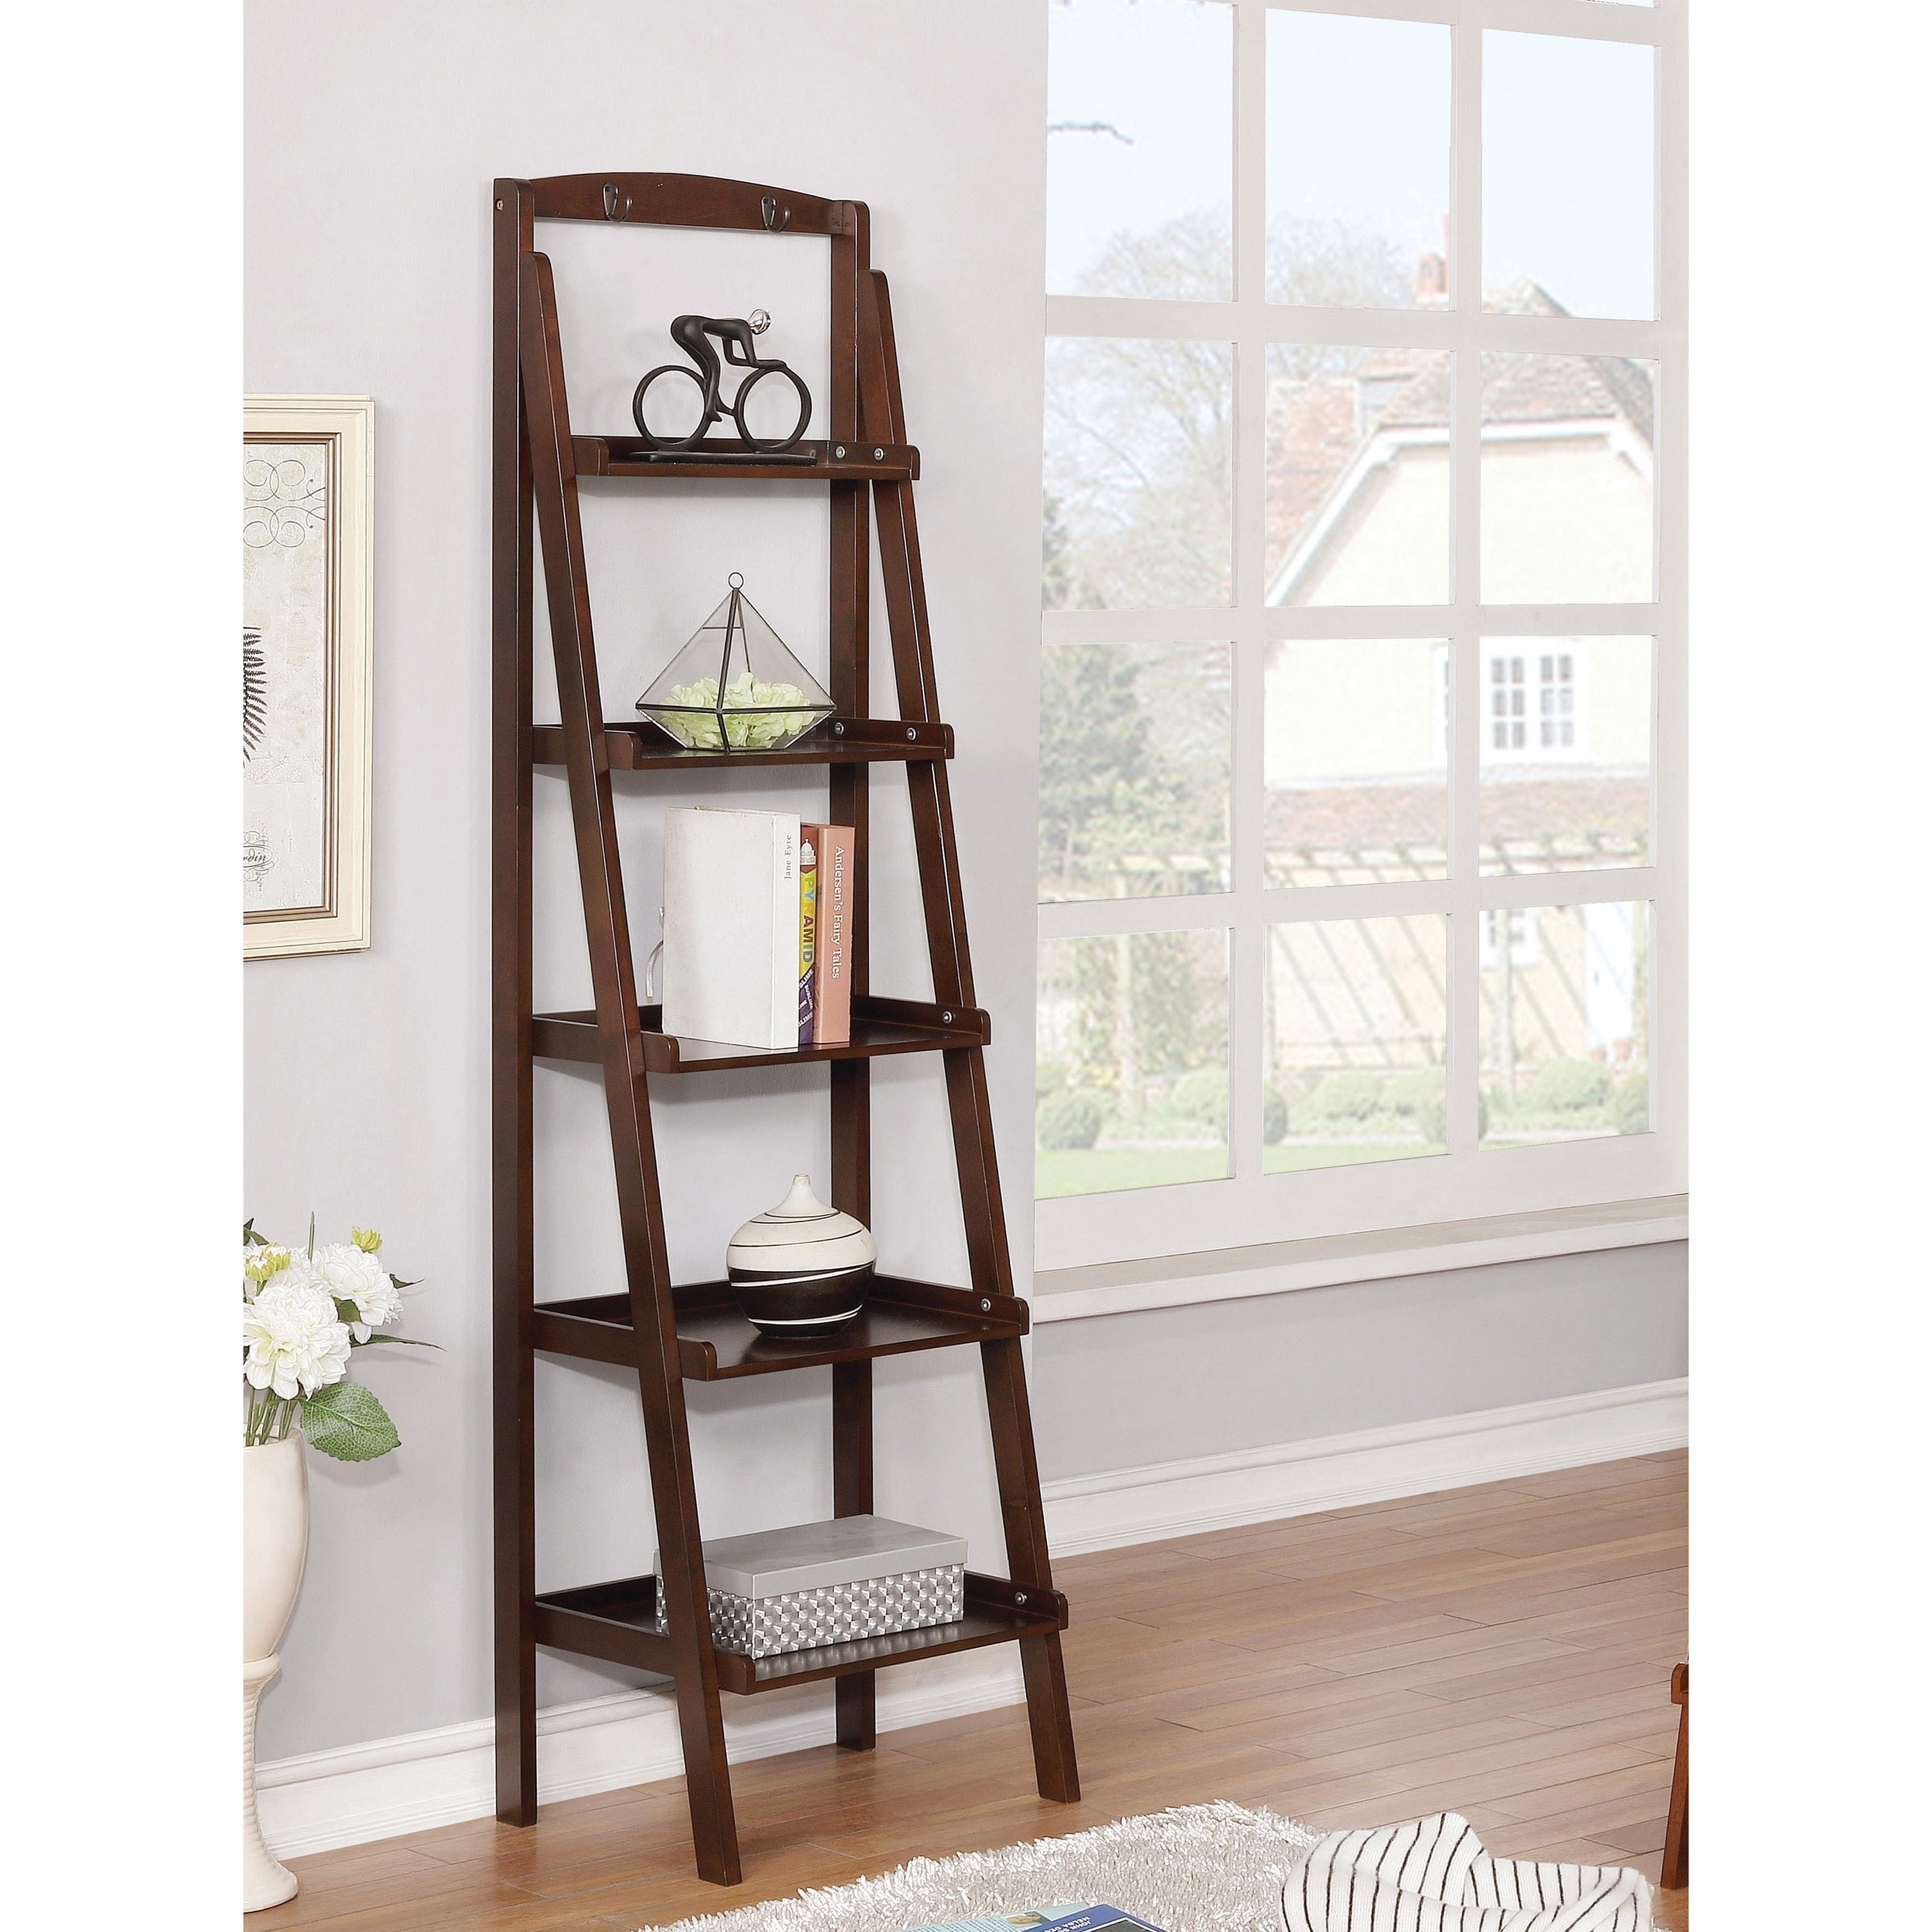 Copper Grove Sagarejo 5 Tier Ladder Bookshelf